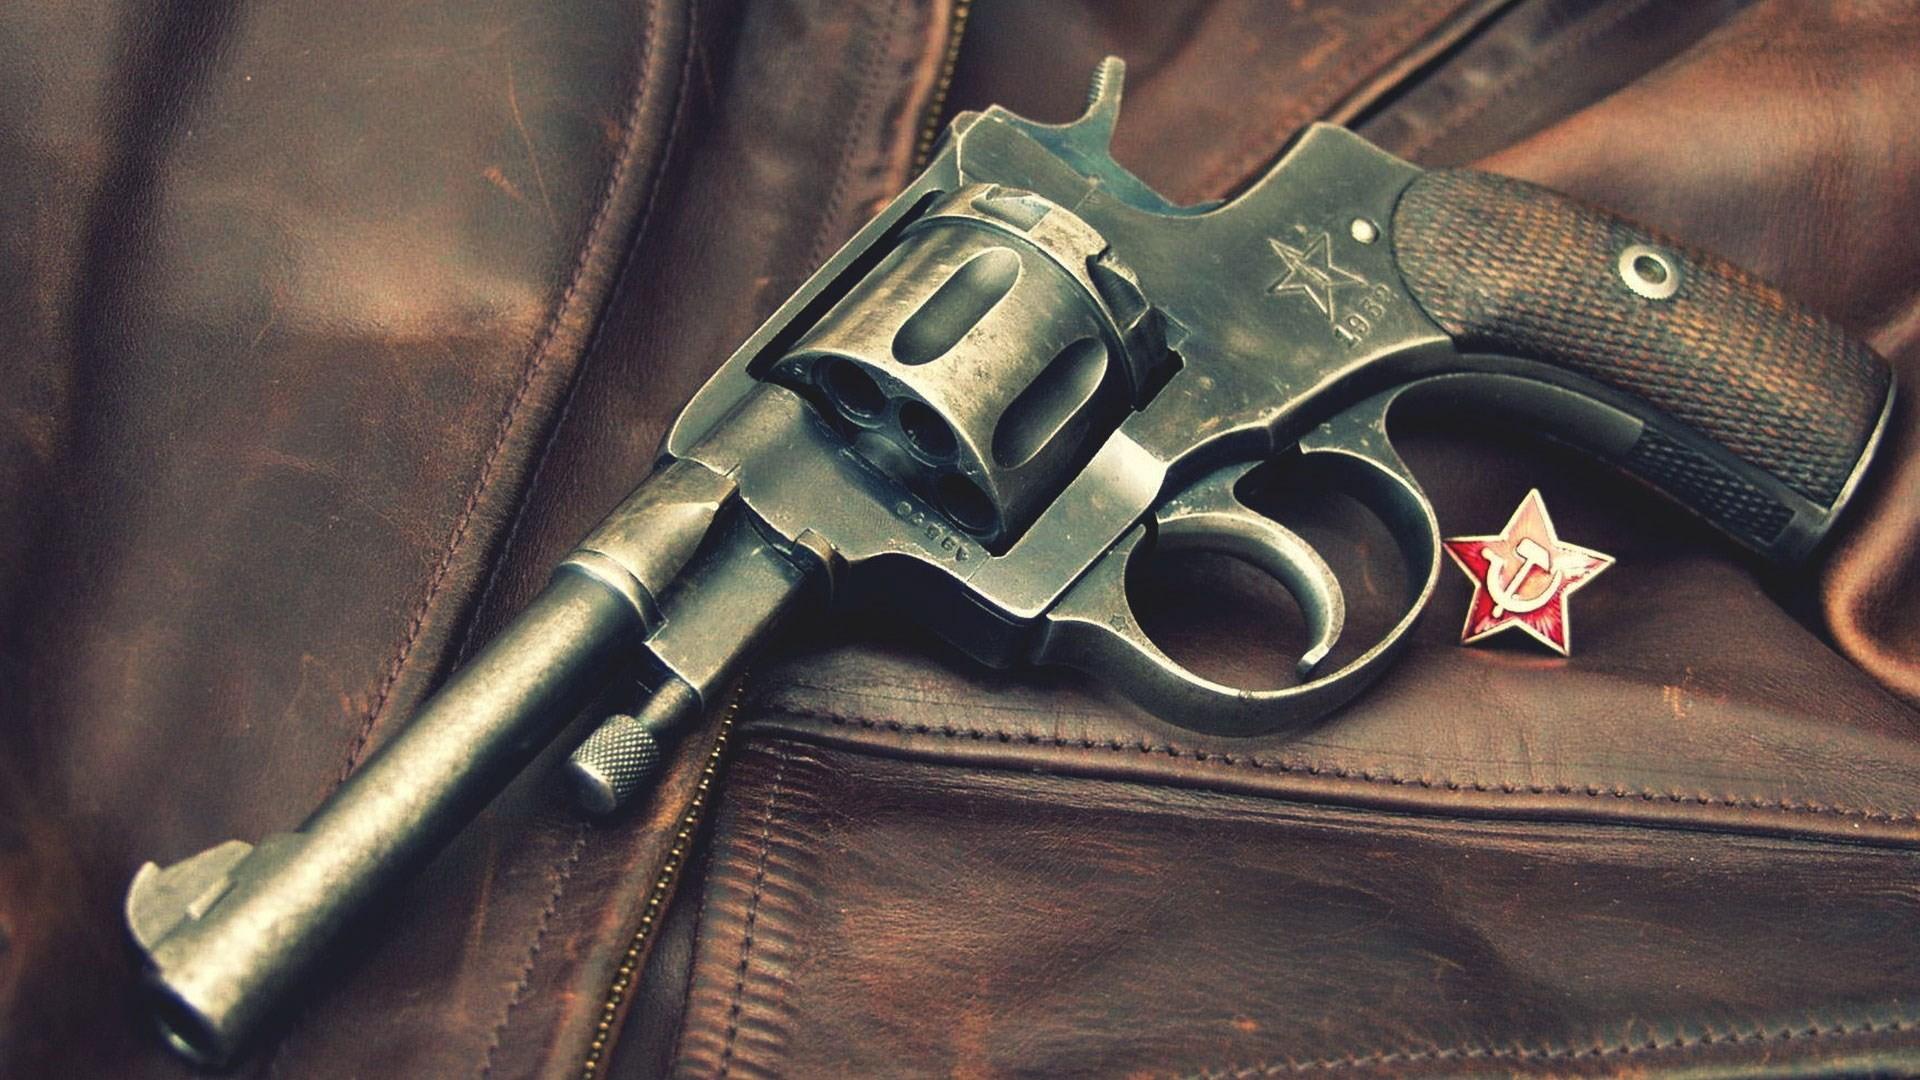 Ultra Hd Gun Wallpaper Hd , HD Wallpaper & Backgrounds